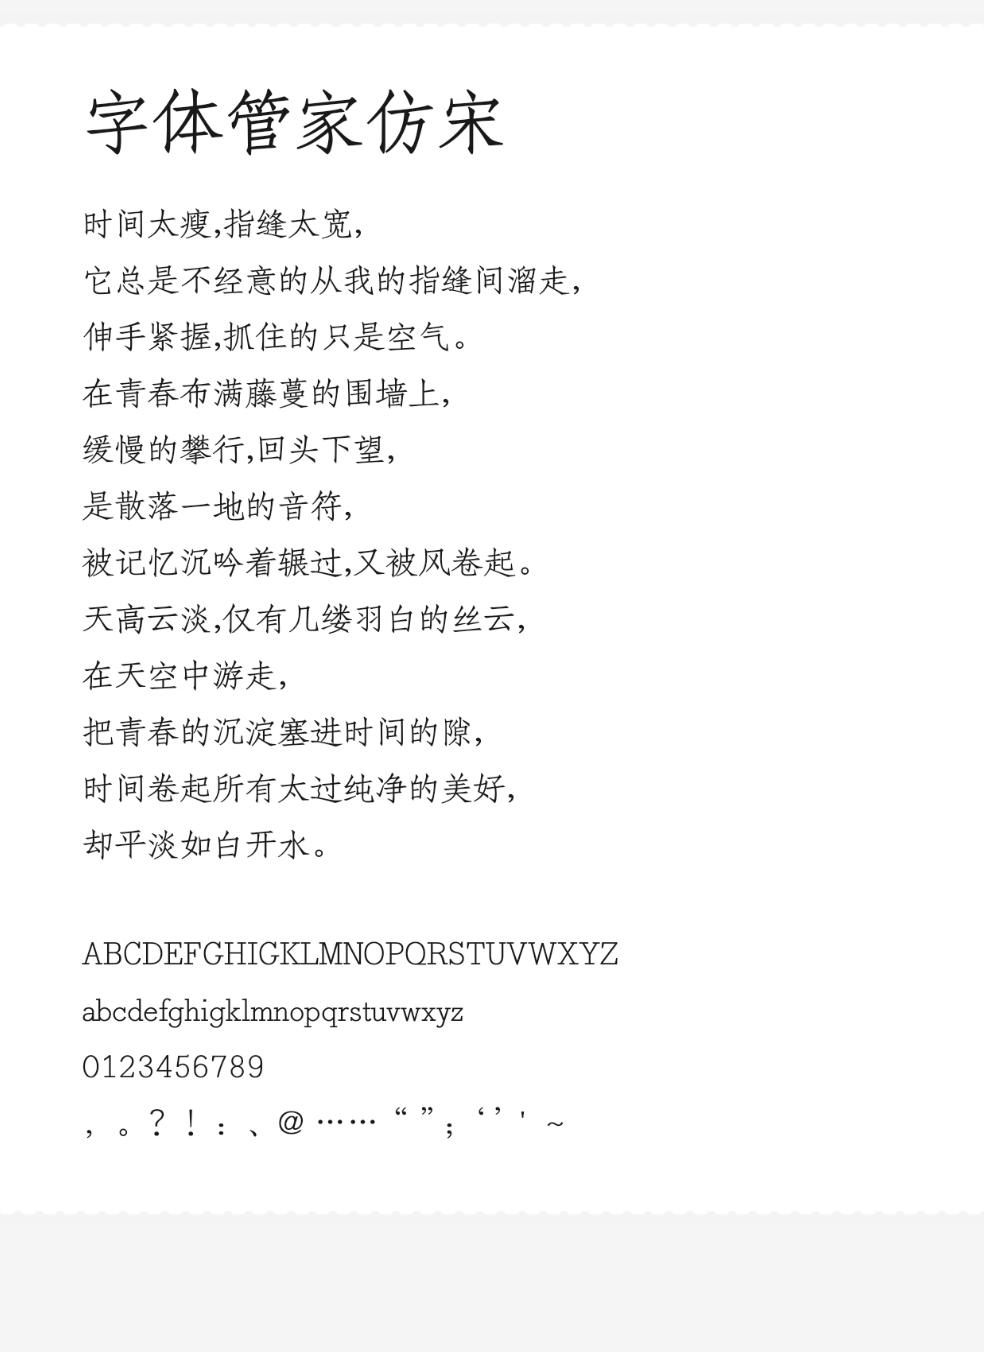 D2336A48A70F86EFAF2F6B045D6A766C.jpg